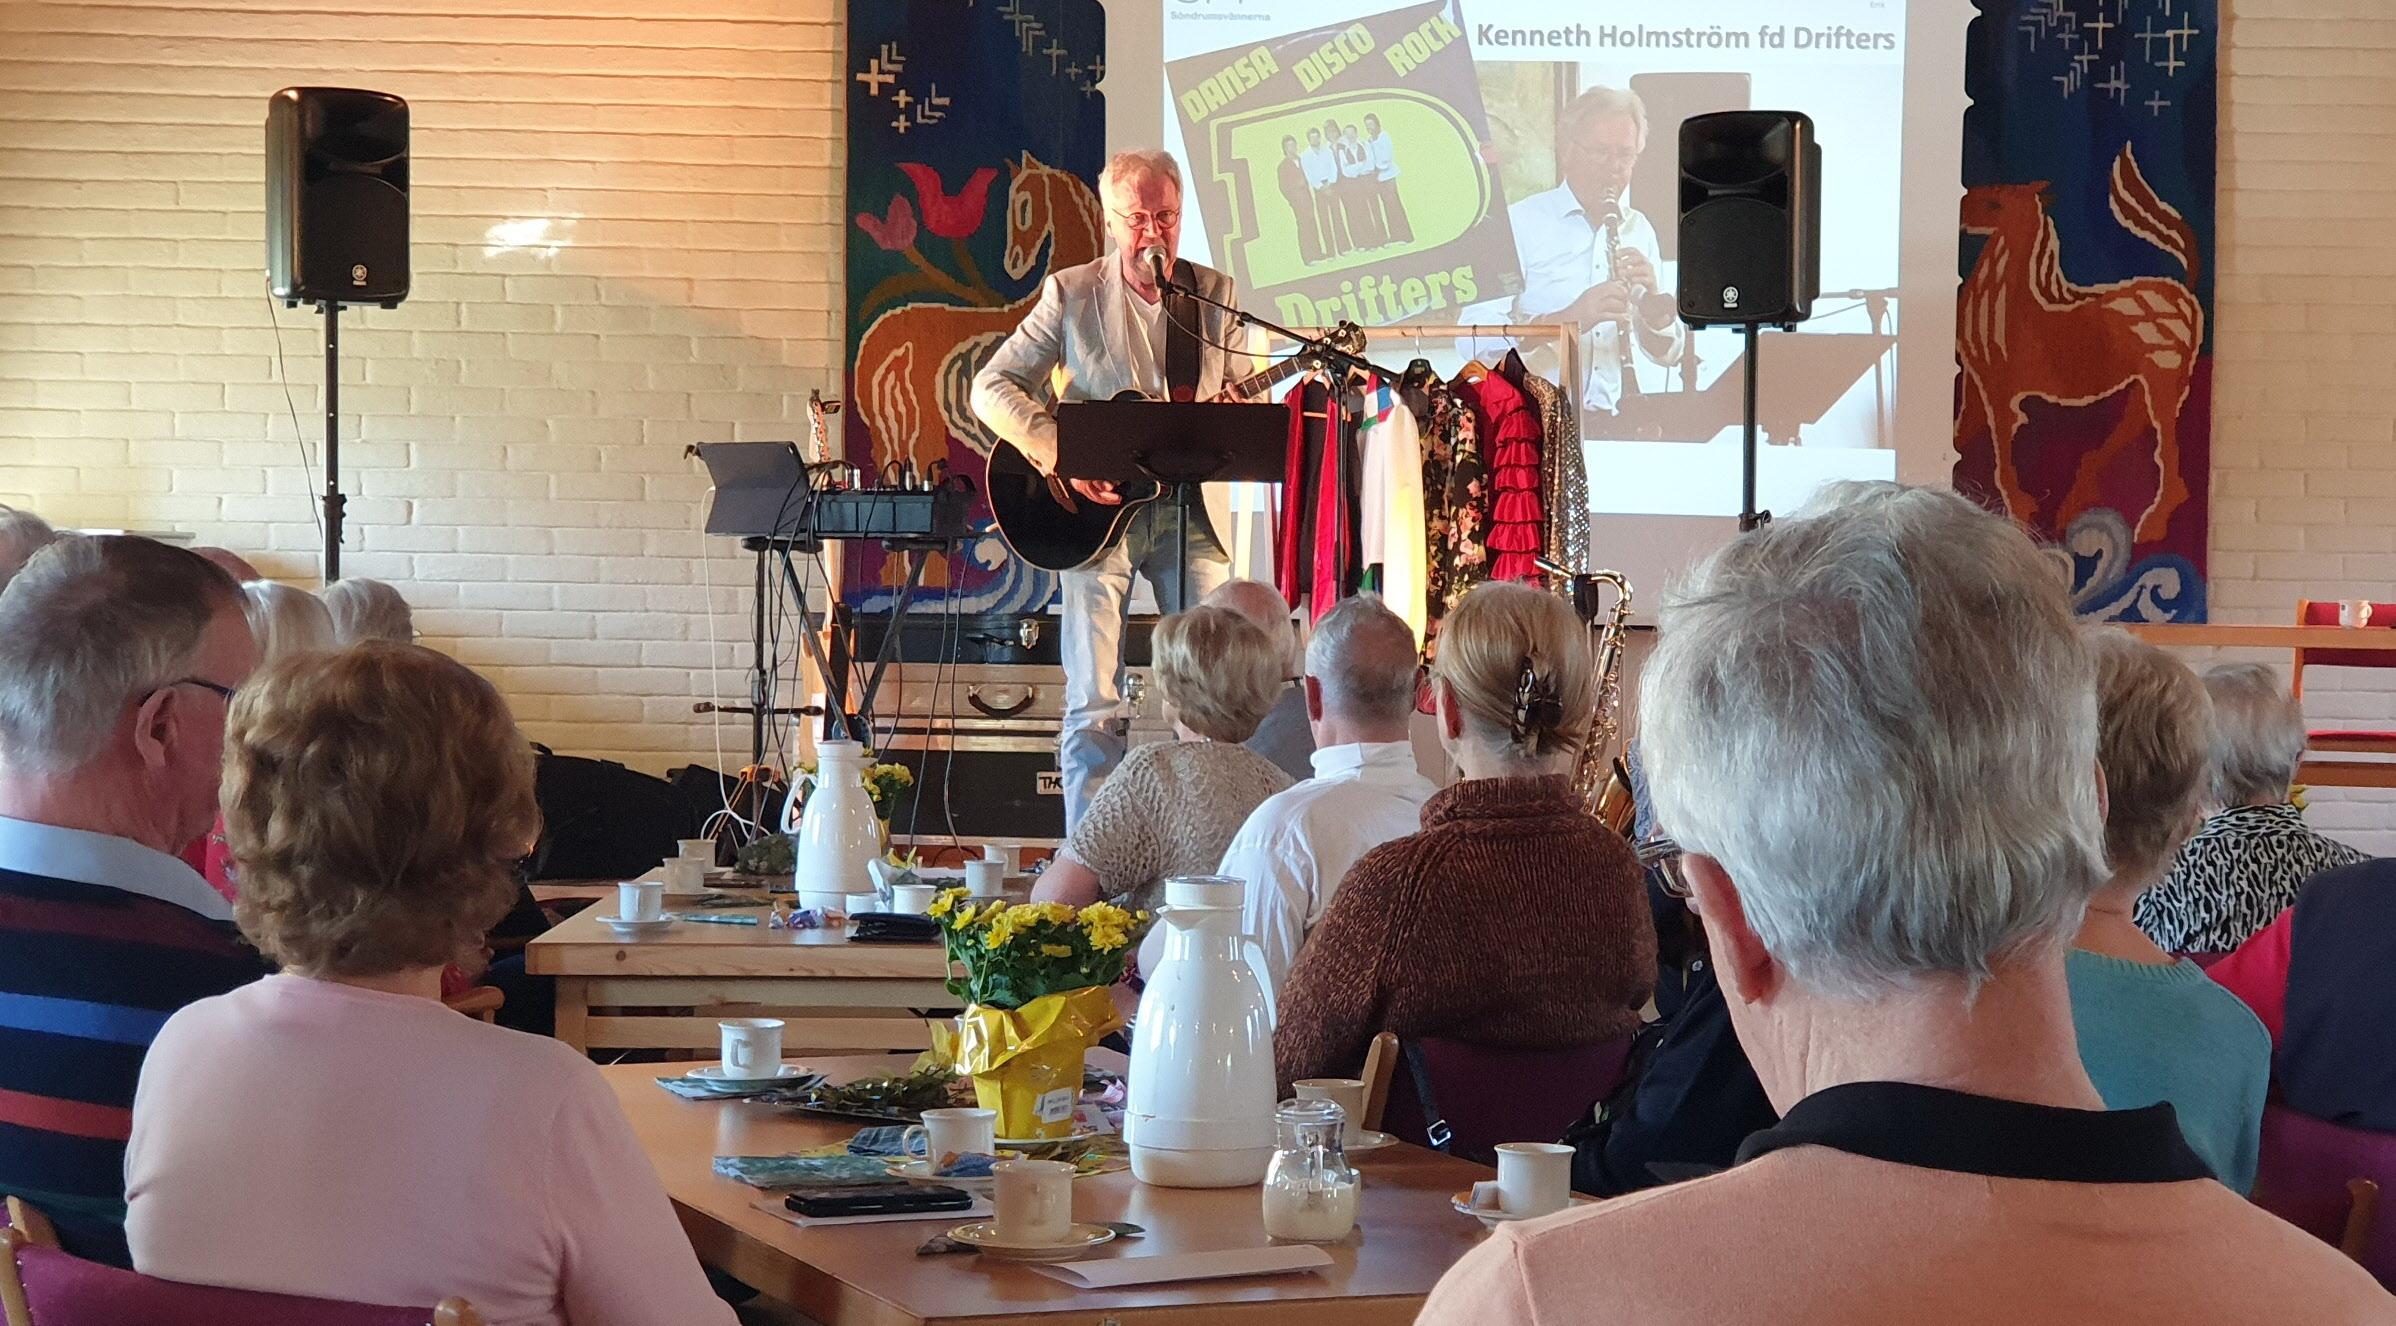 Mötet avslutades med härlig 60-talsmusik av Kenneth Holmström, som fick oss att både sjunga med och dansa